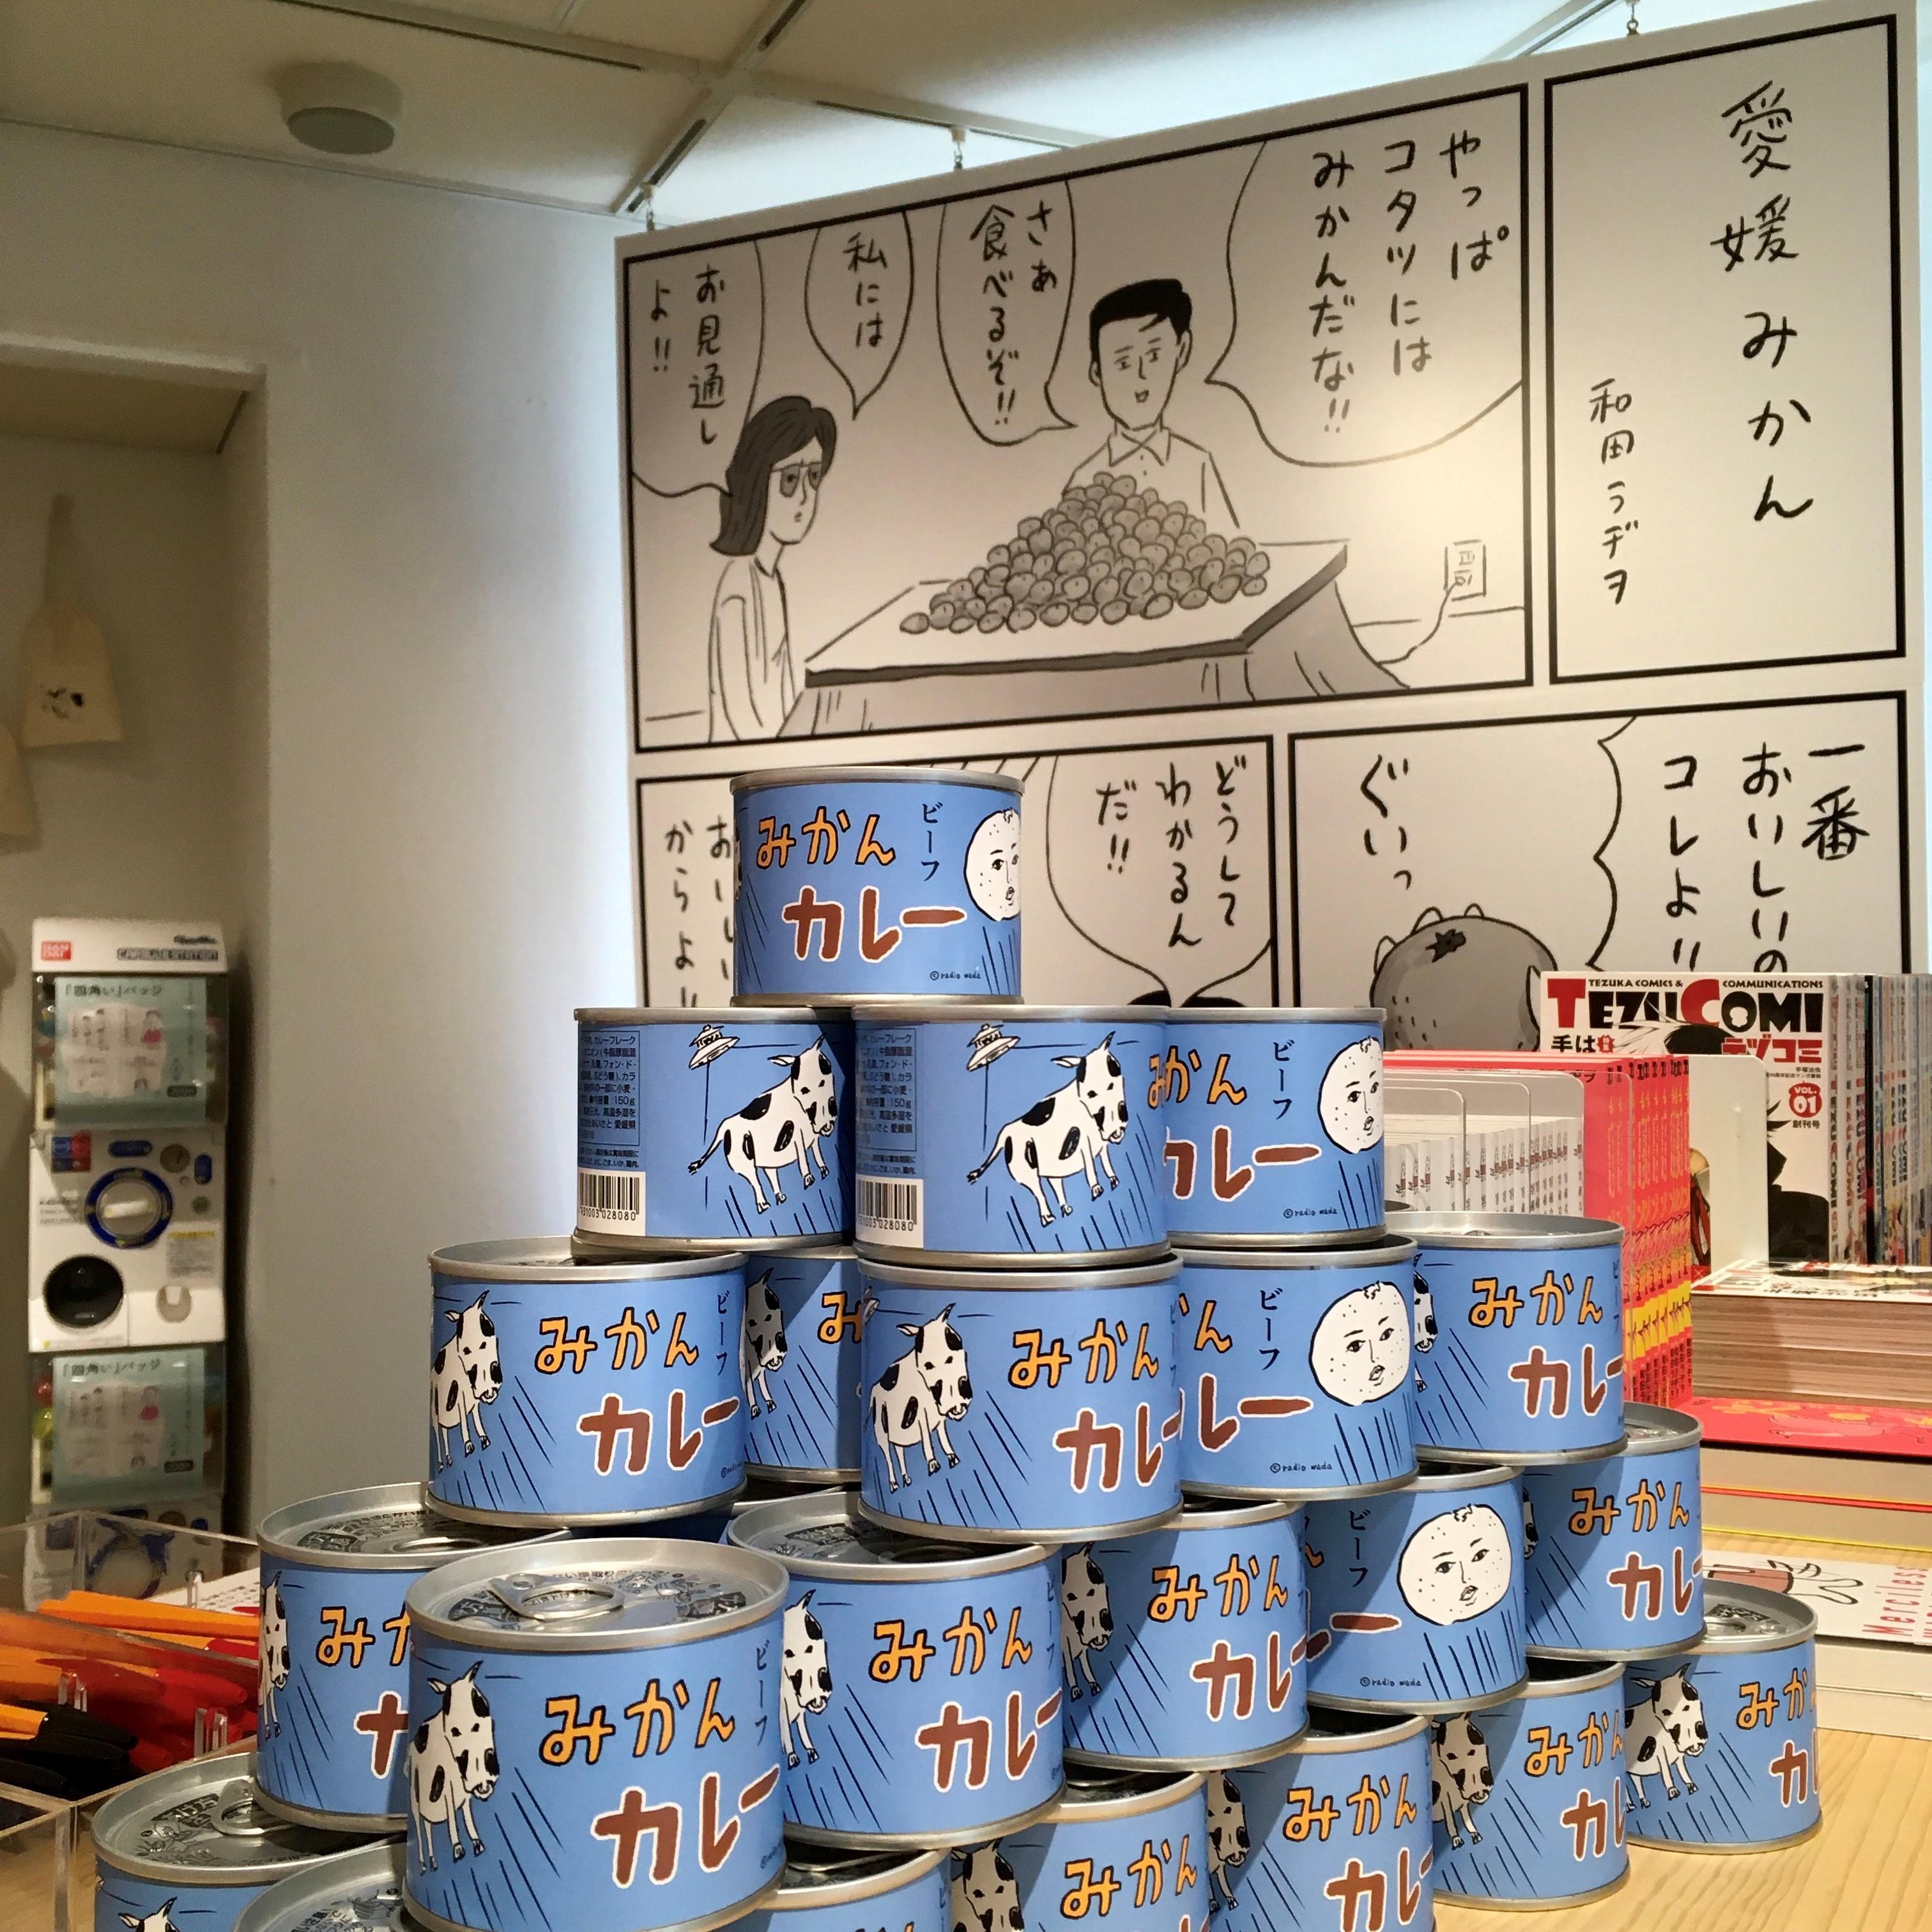 行けば楽しき、大&小の和田ラヂヲ展!_1_2-5